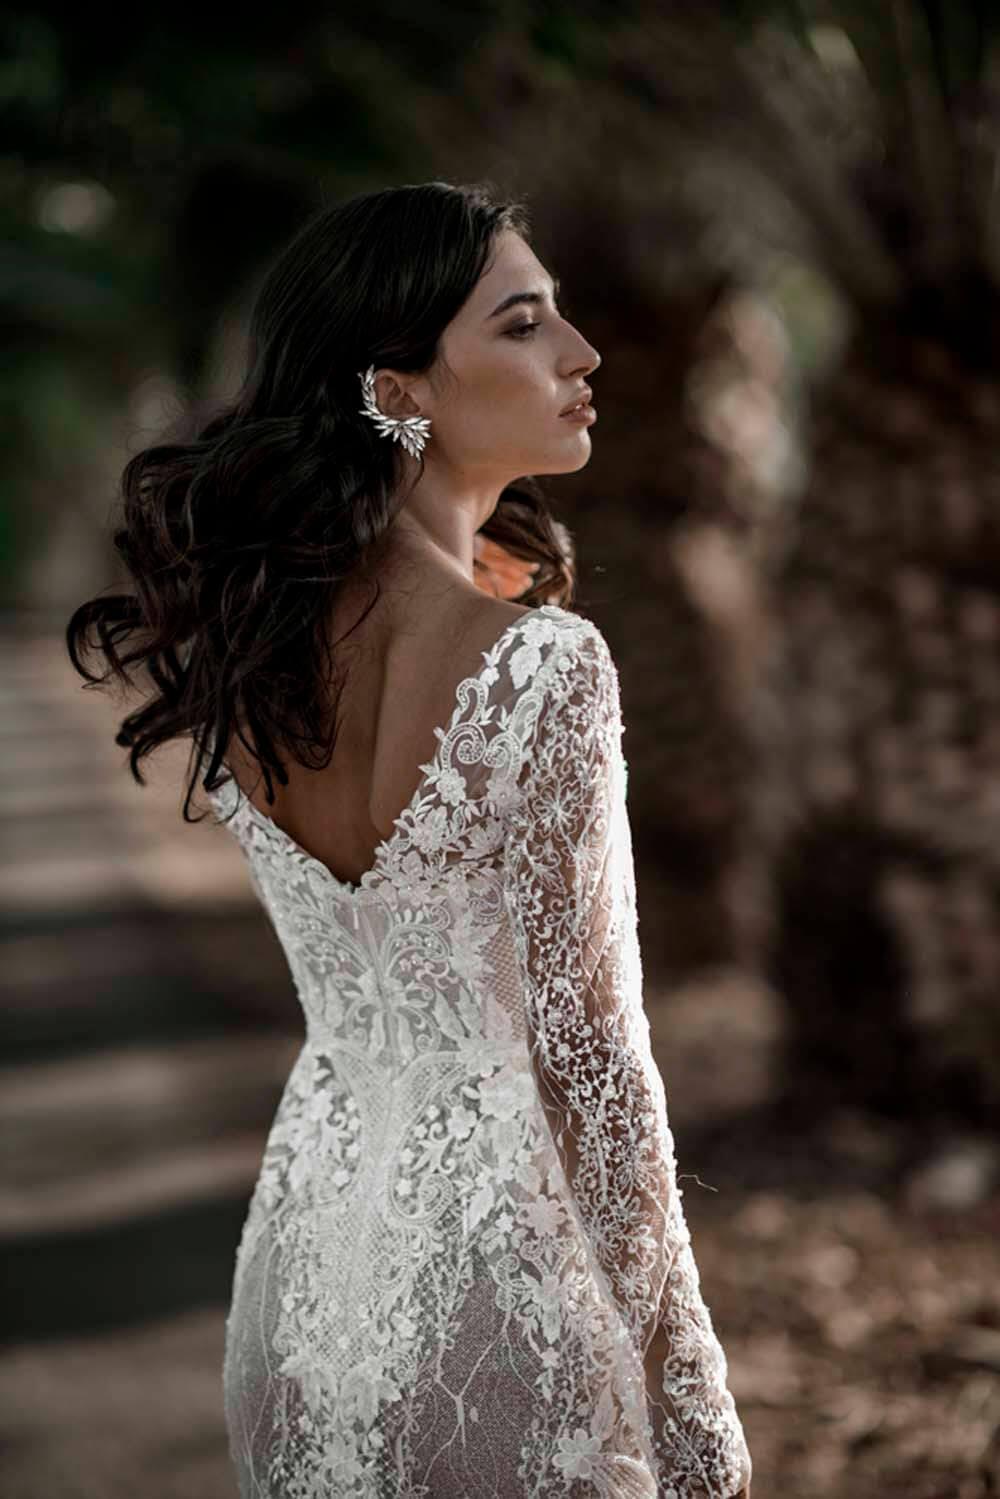 Deslúmbrate con nuestra Premium Collection, encuentra diseños de vestidos de novia de la marca WONÁ Concept - Los mejores vestidos de bodas en Caracas, Venezuela